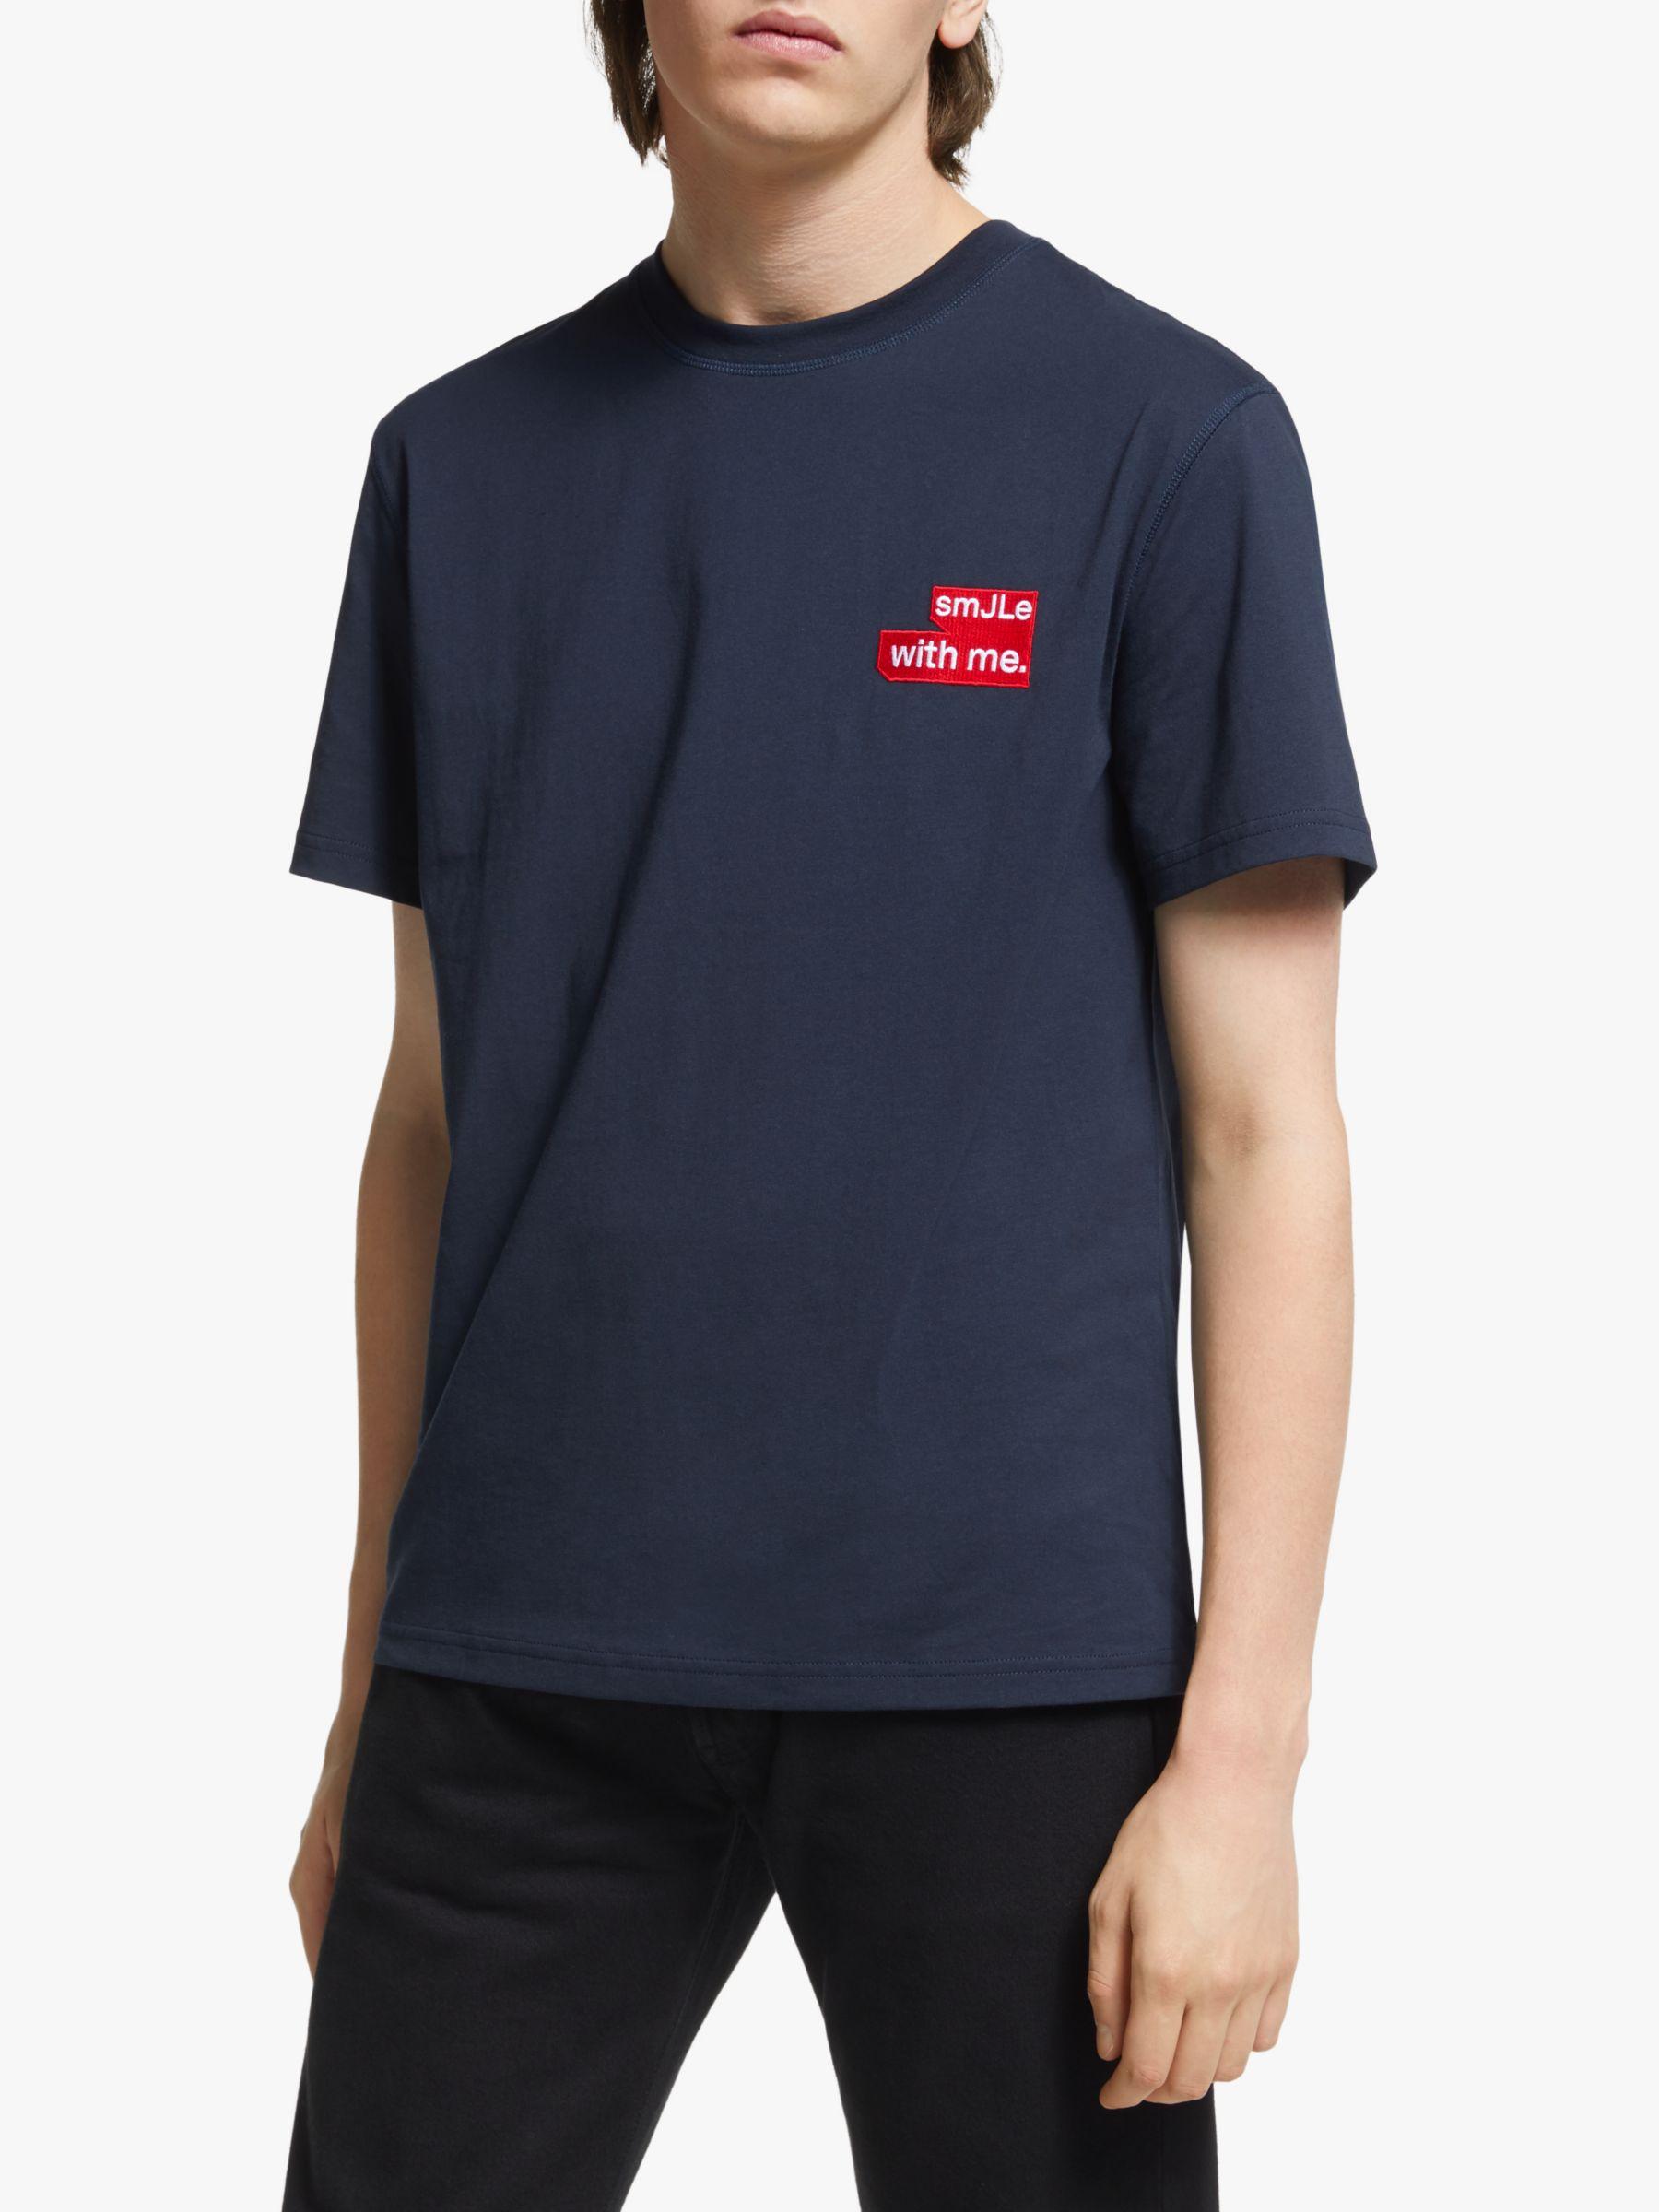 J.LINDEBERG J.Lindeberg Jordan Distinct Cotton T-Shirt, Navy